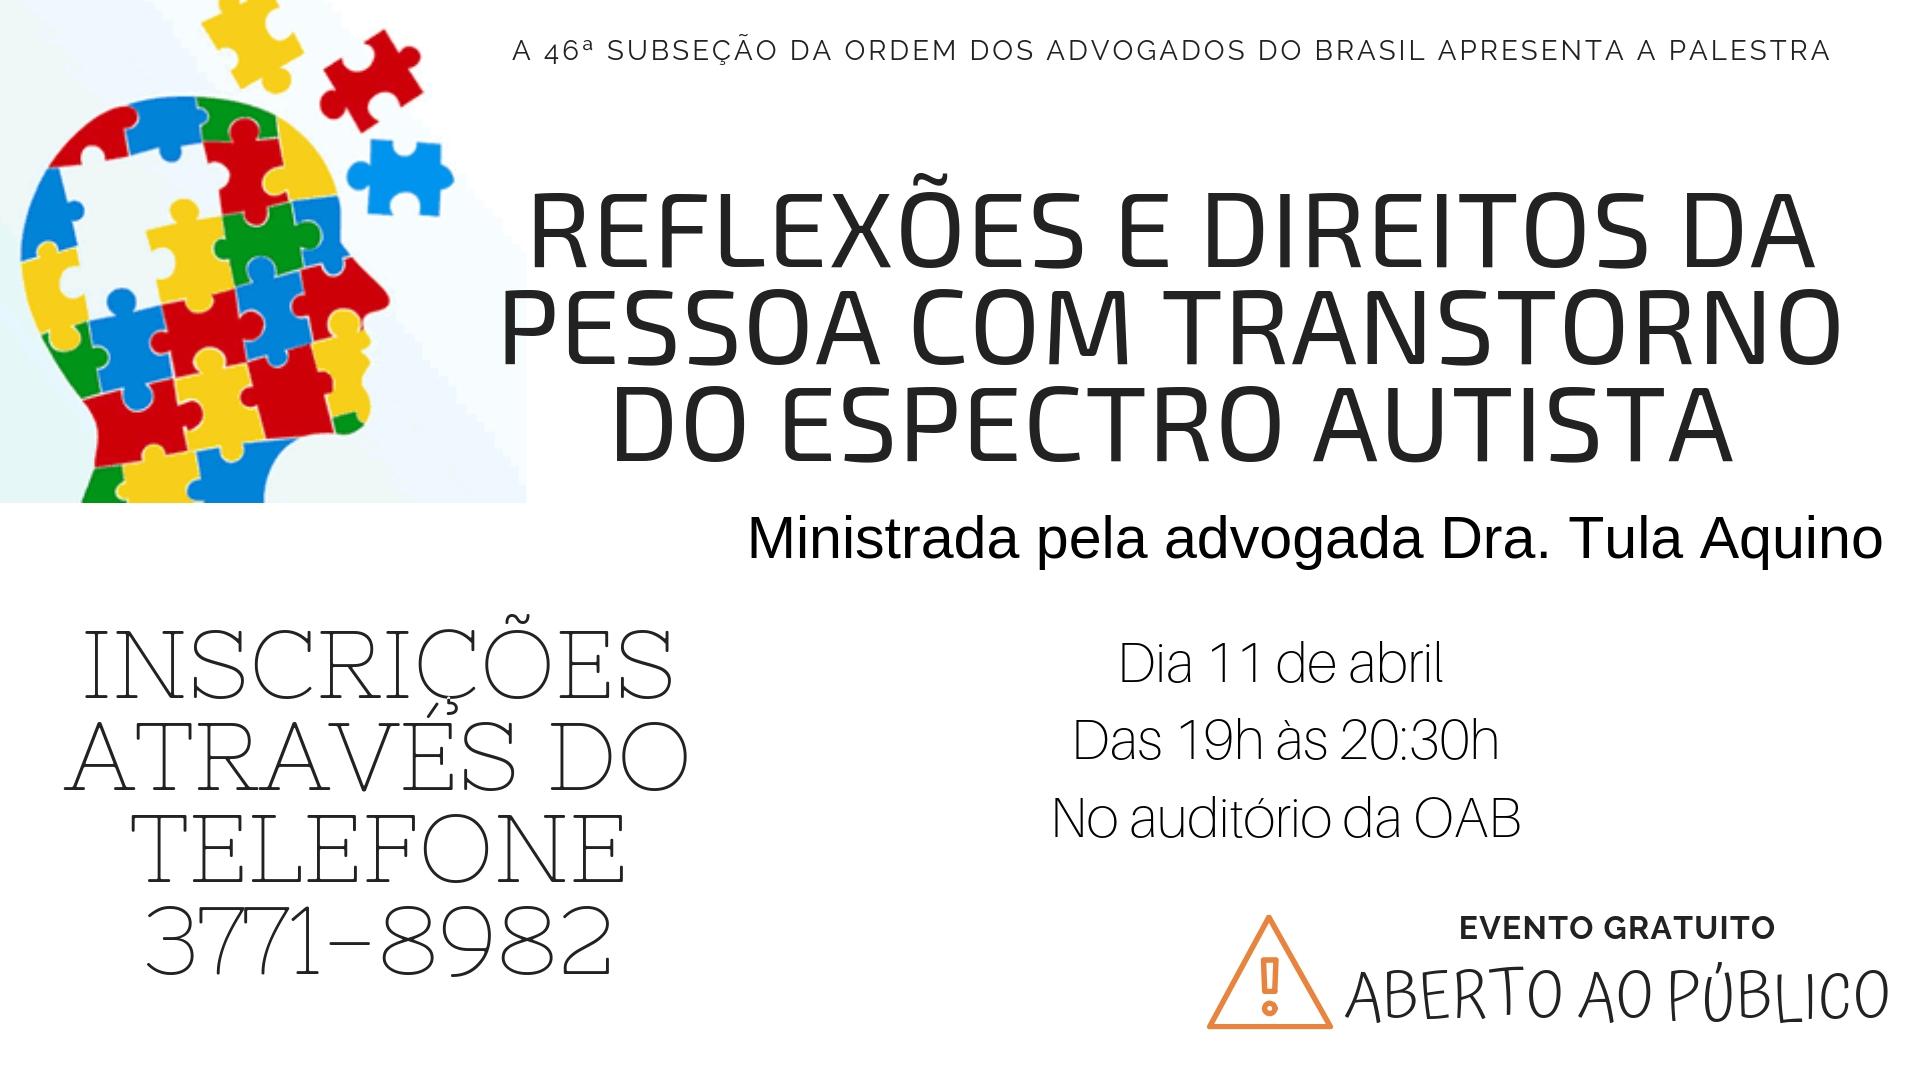 REFLEXÕES E DIREITOS DA PESSOA COM TRANSTORNO DO ESPECTRO AUTISTA